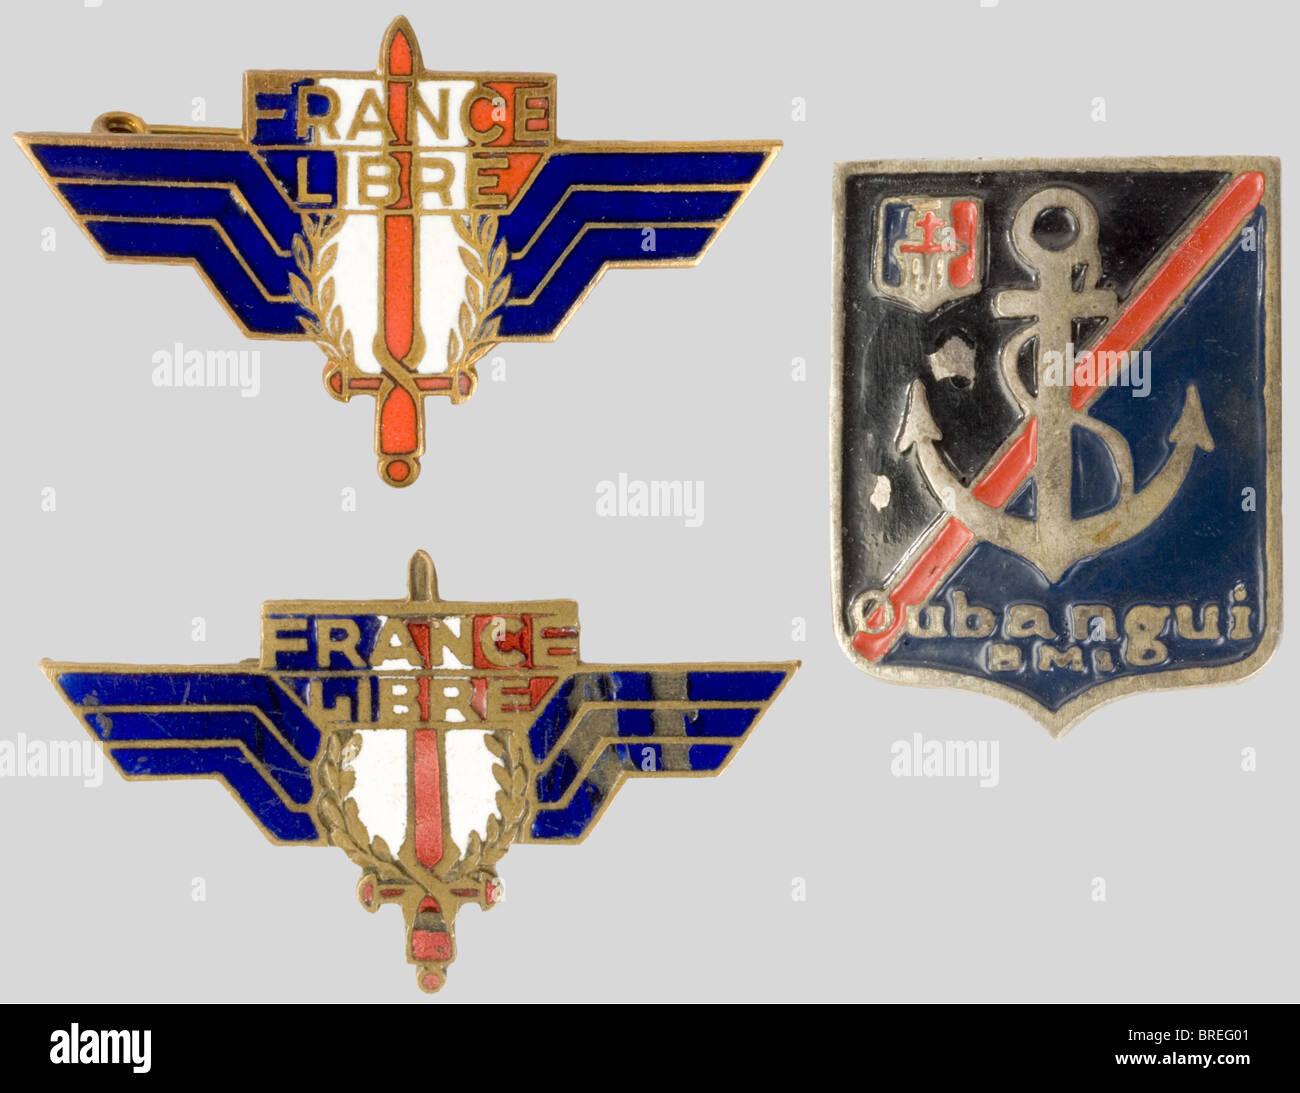 France 20ème Siècle, Rare ensemble d'insignes de la France Libre, comportant le très recherché - Stock Image